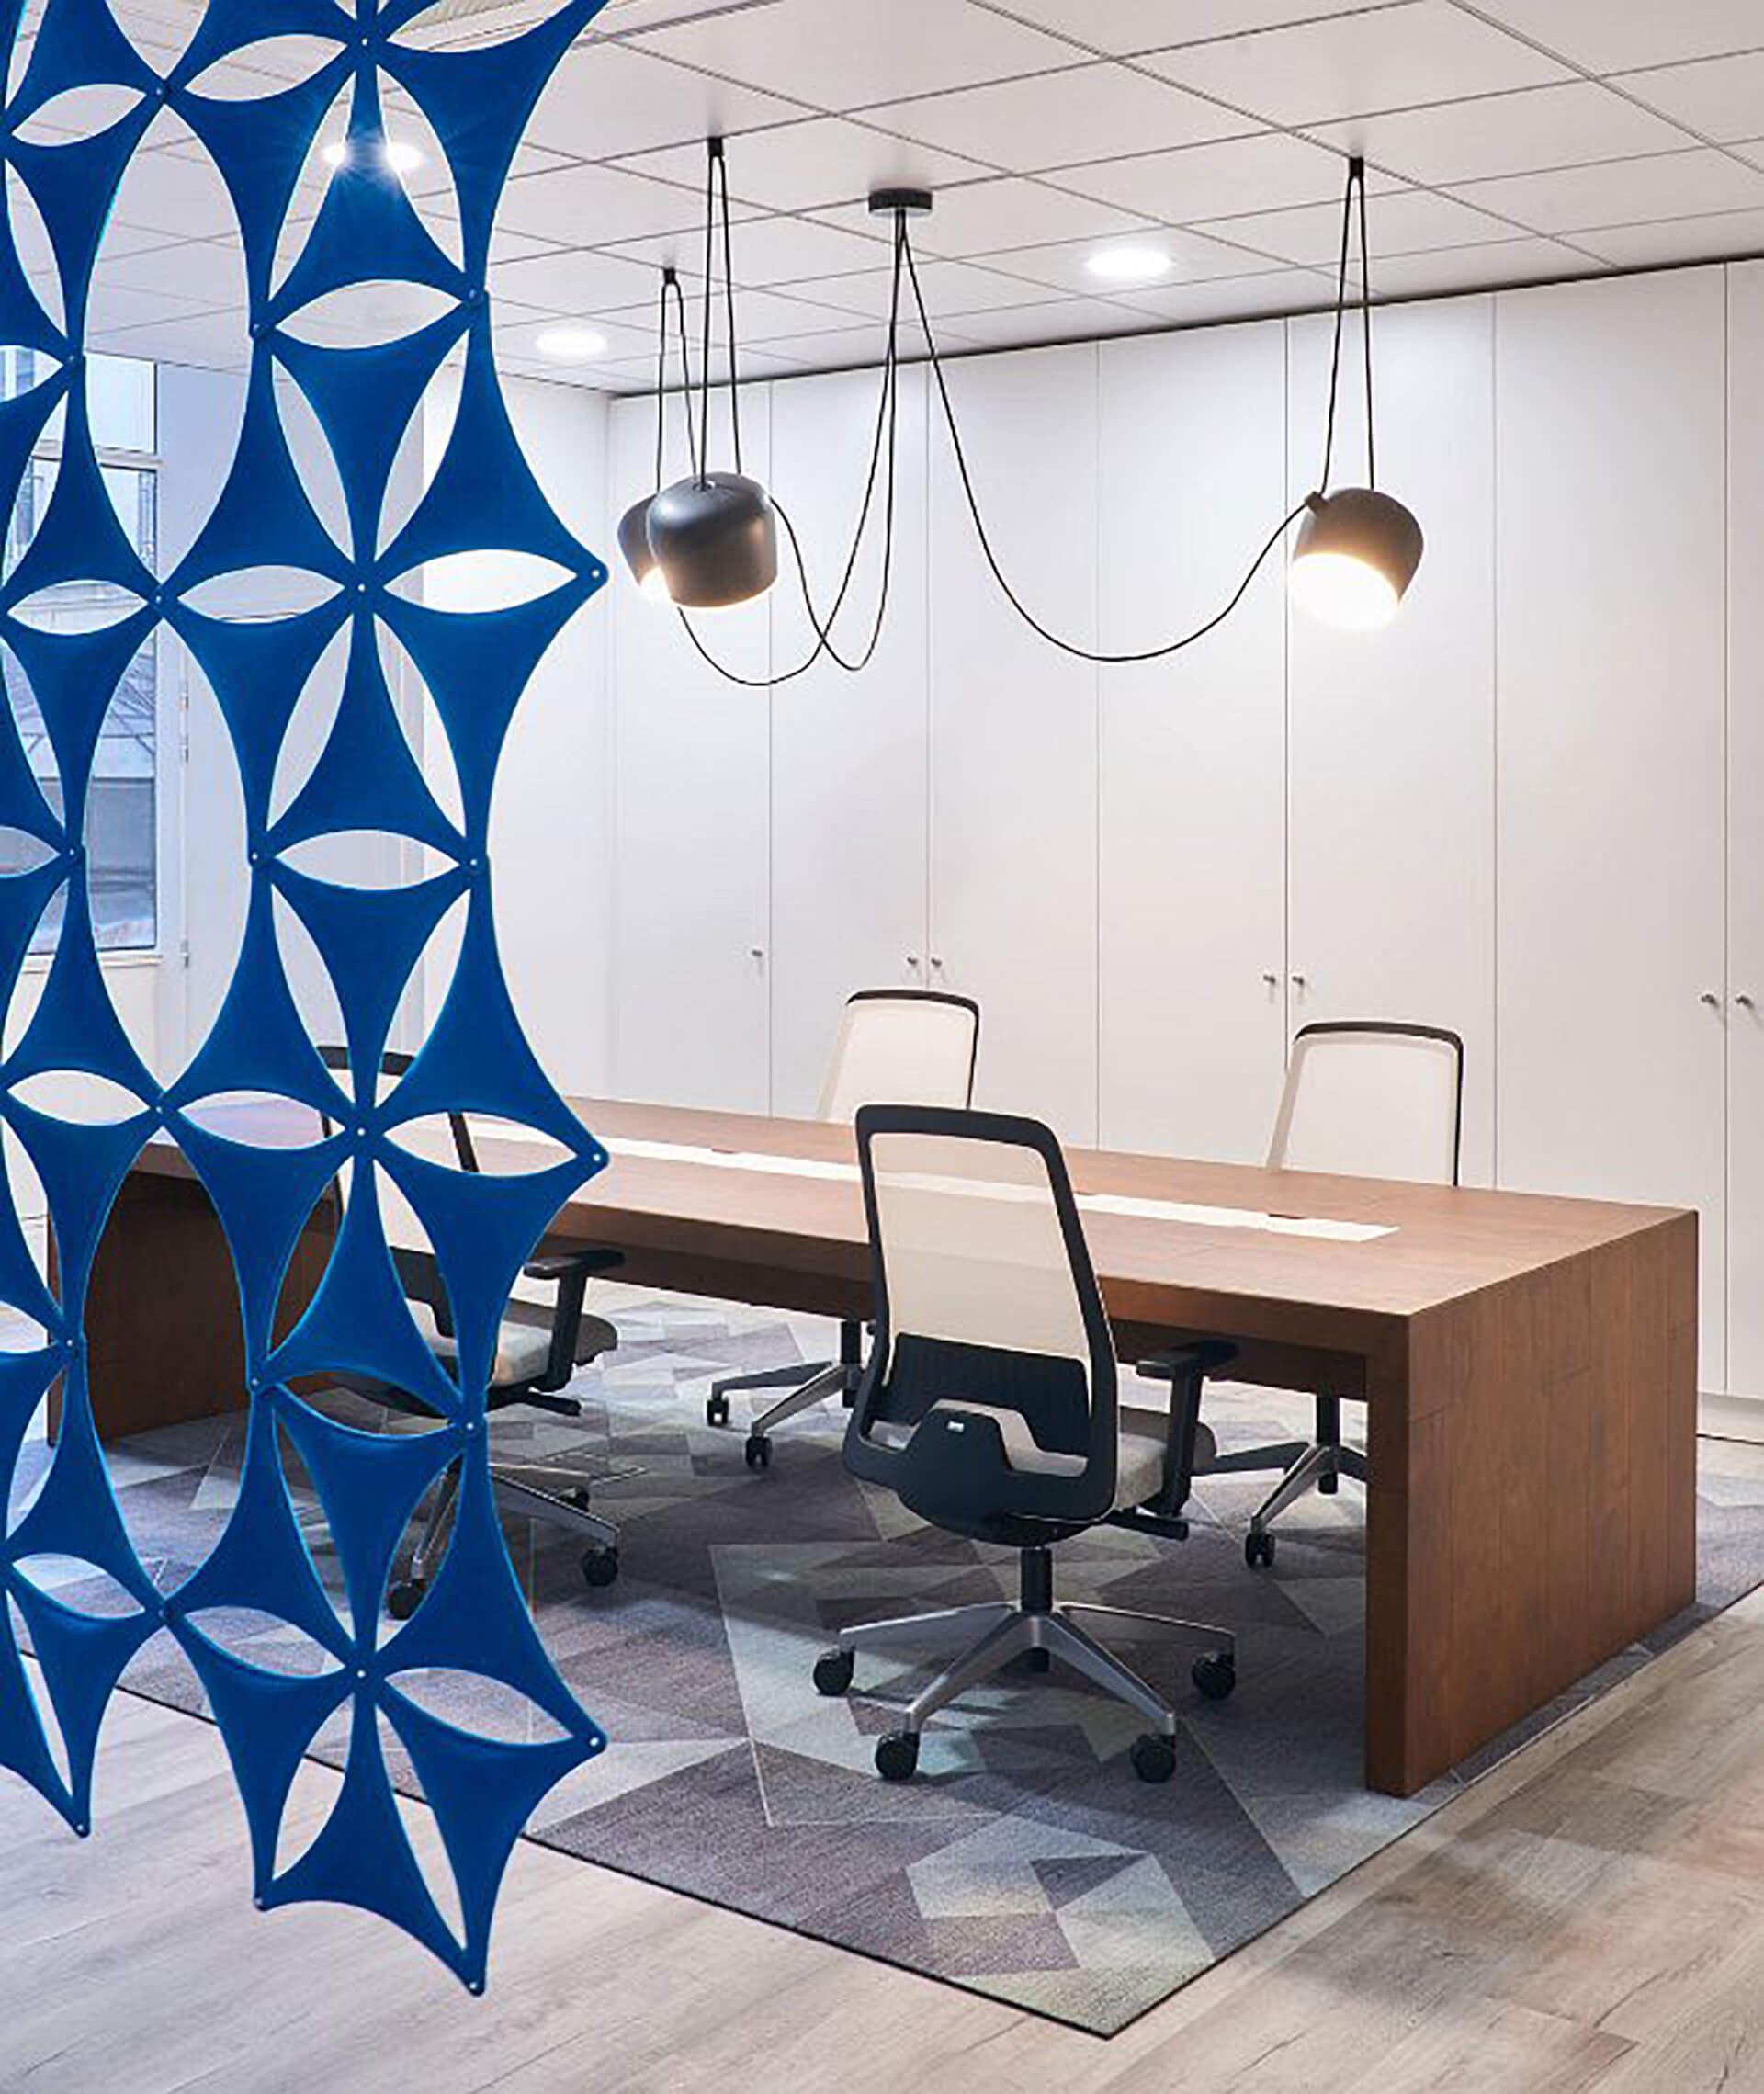 Sala de reunião com móveis contemporâneos